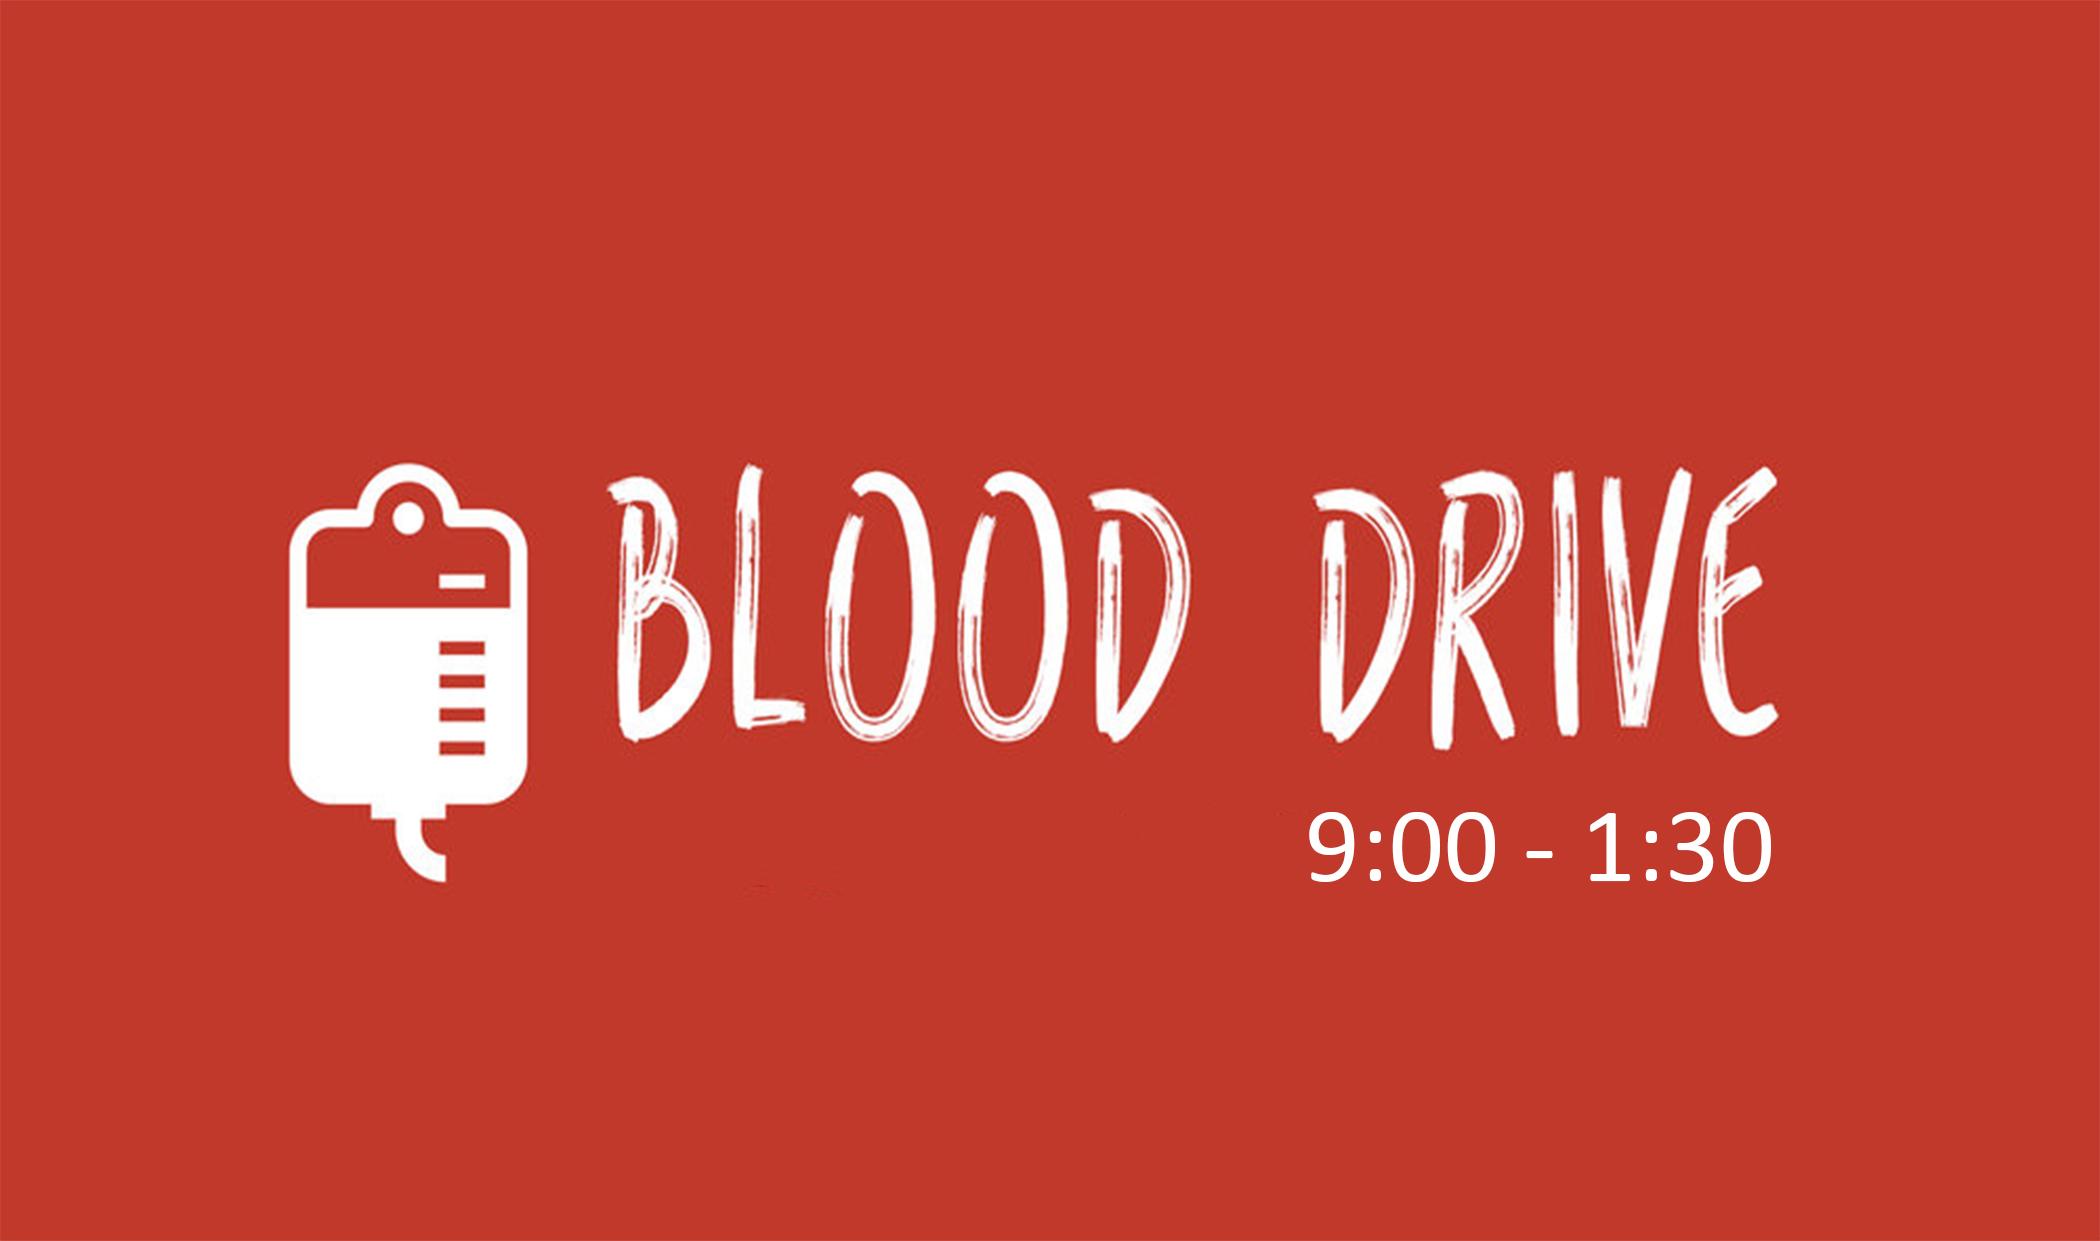 Blood Drive no date.jpg